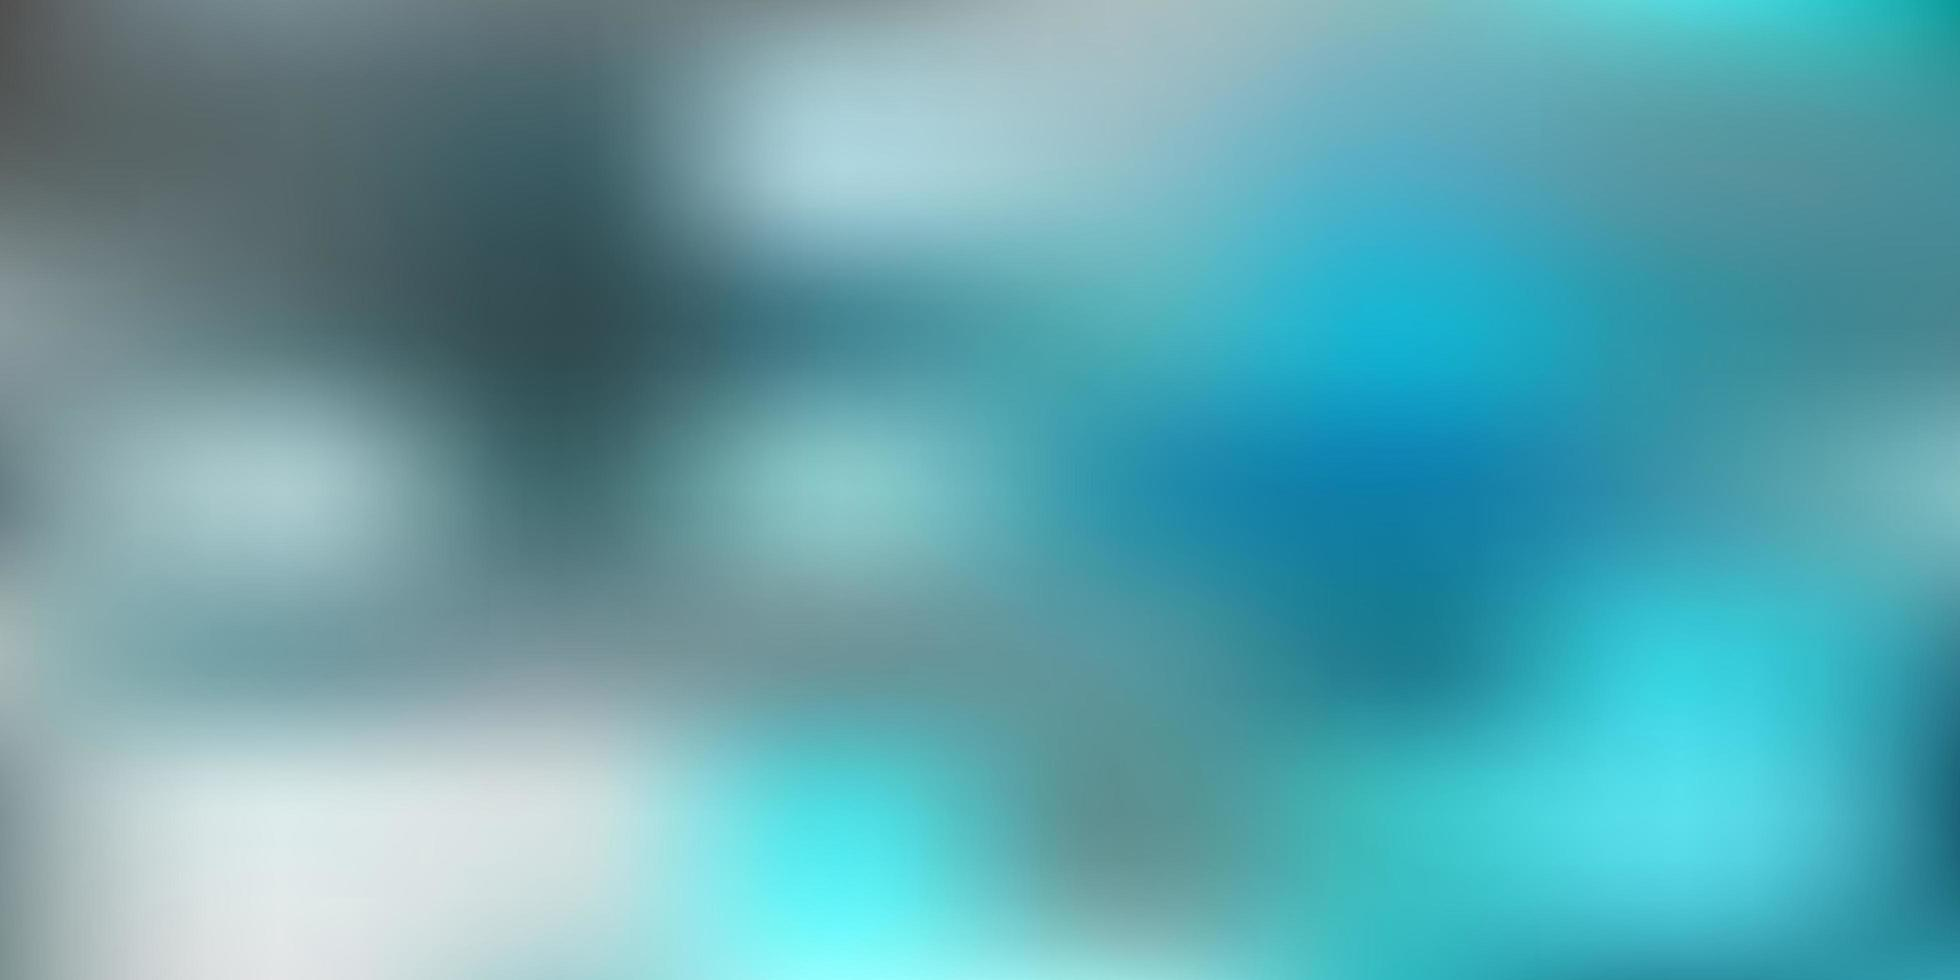 sfondo sfocatura astratta vettoriale blu chiaro